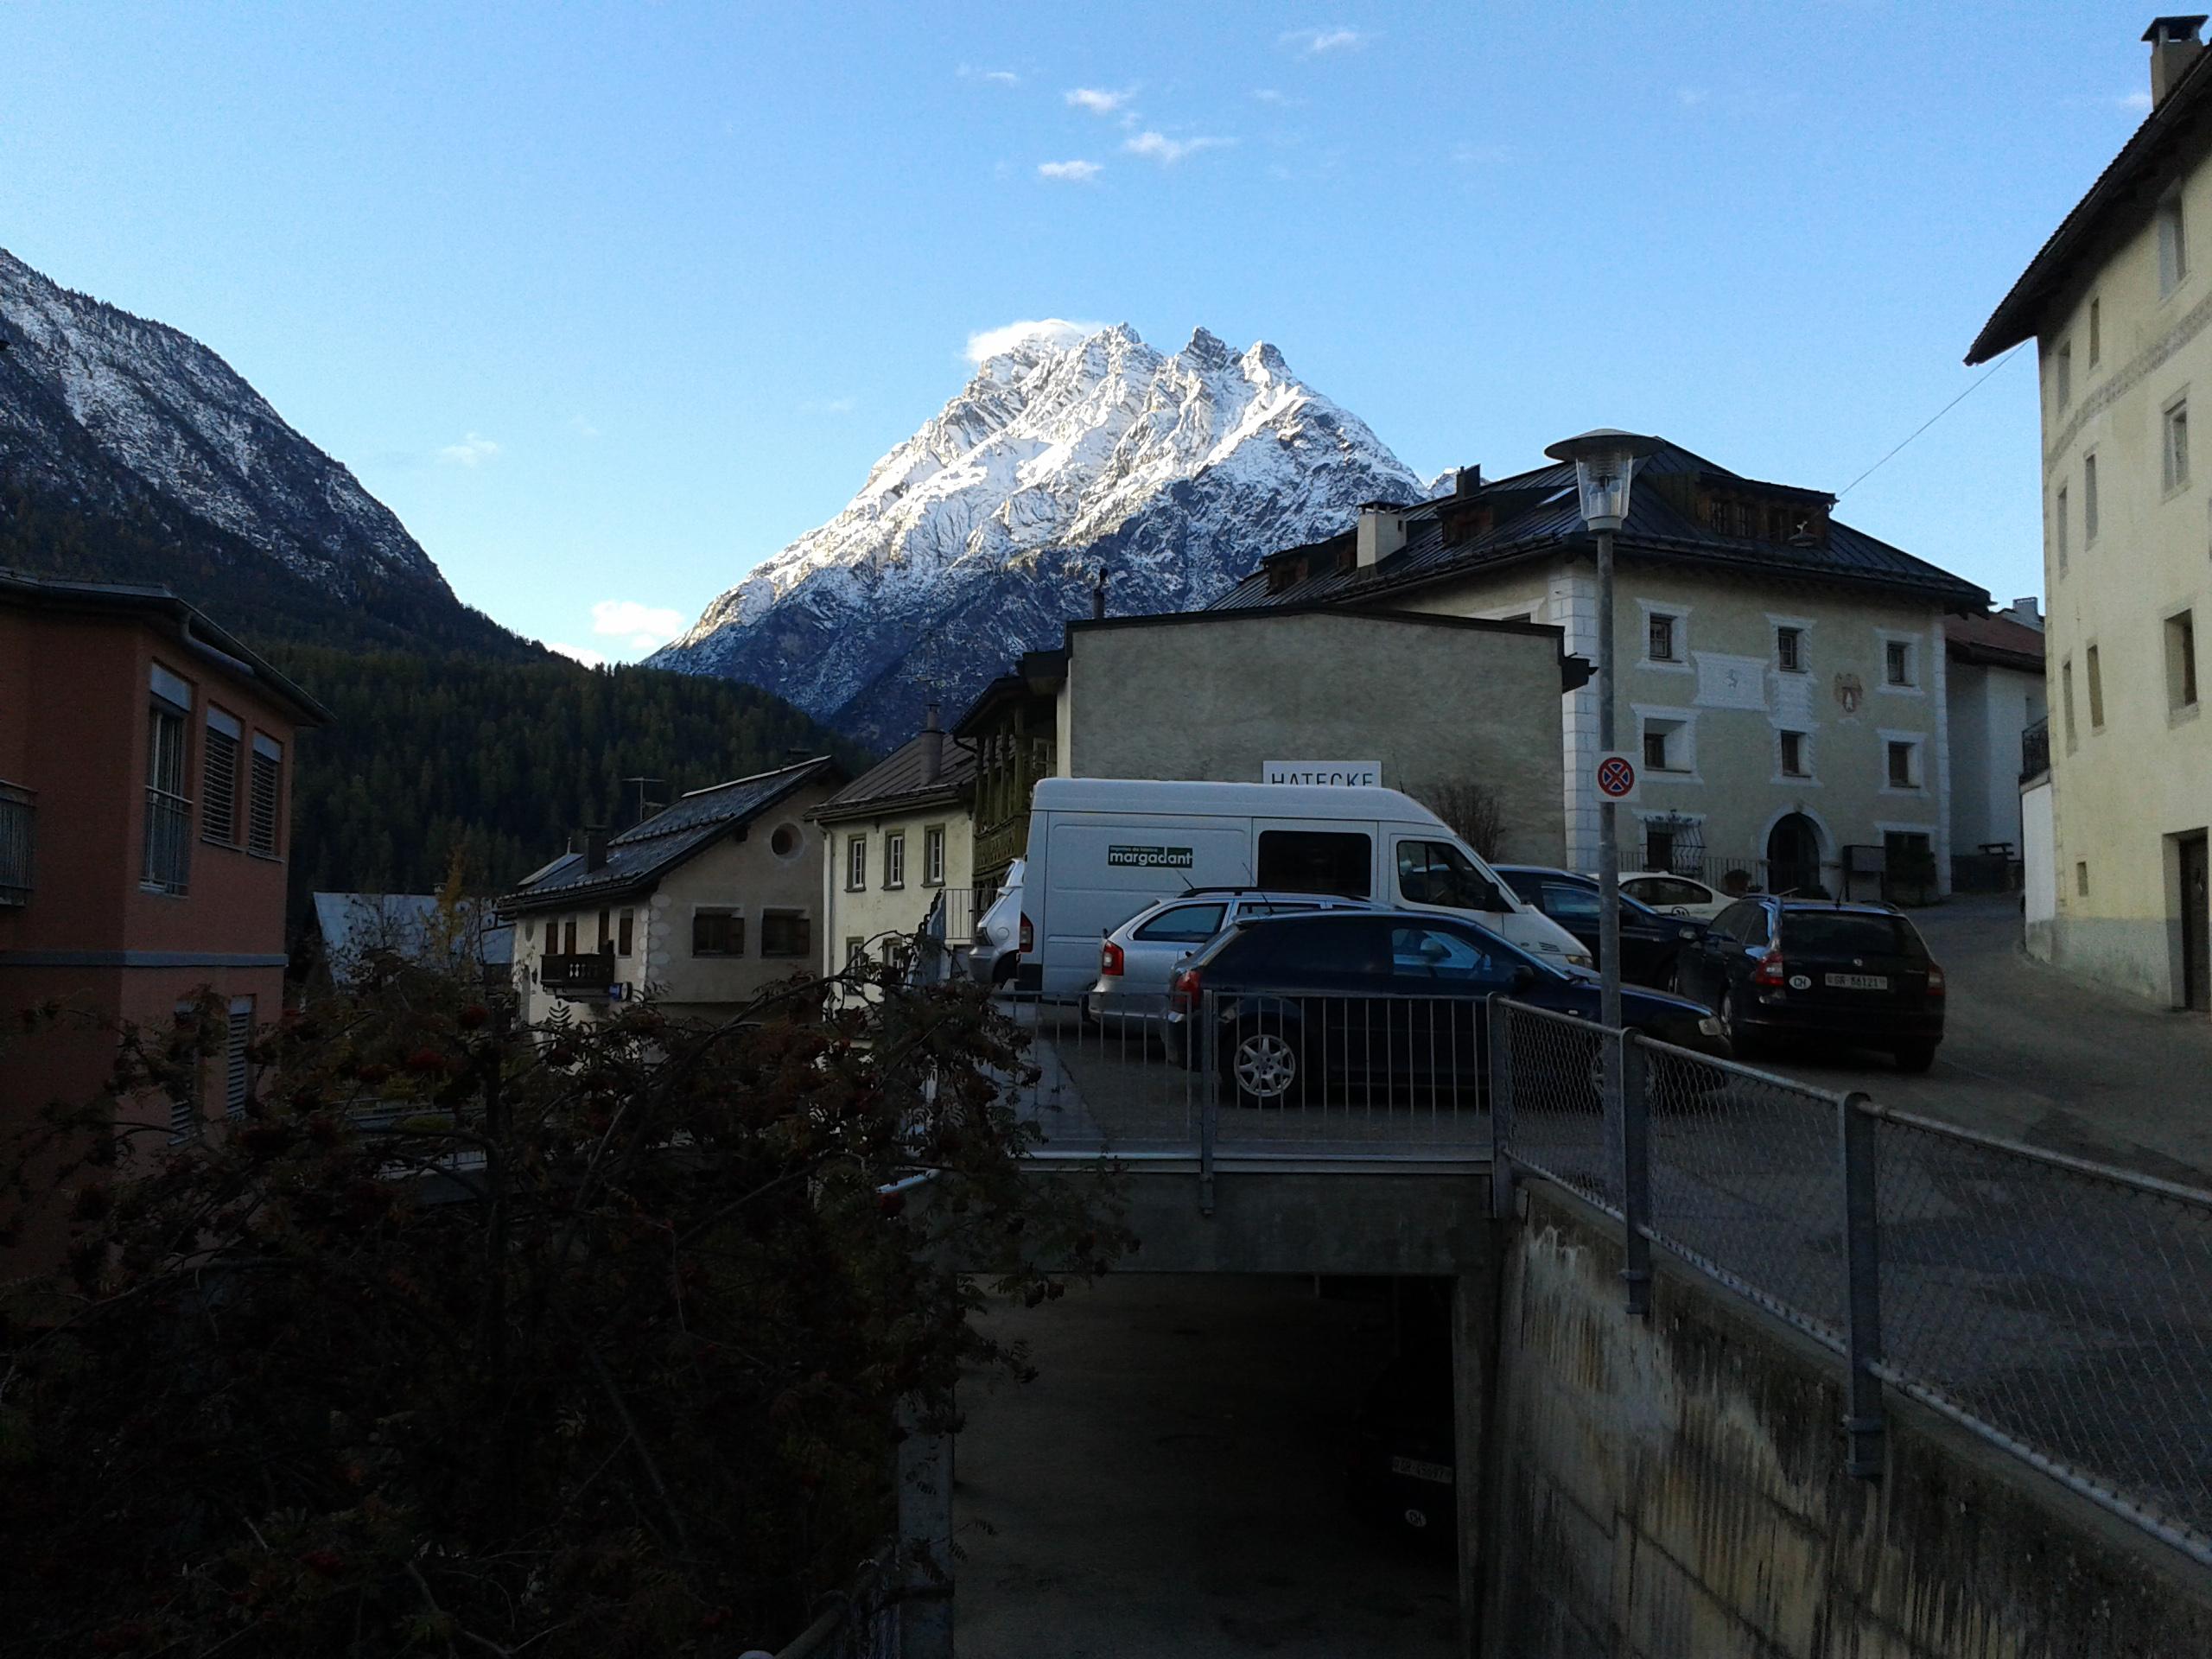 Ez csak simán szép. Svájc, hát na.